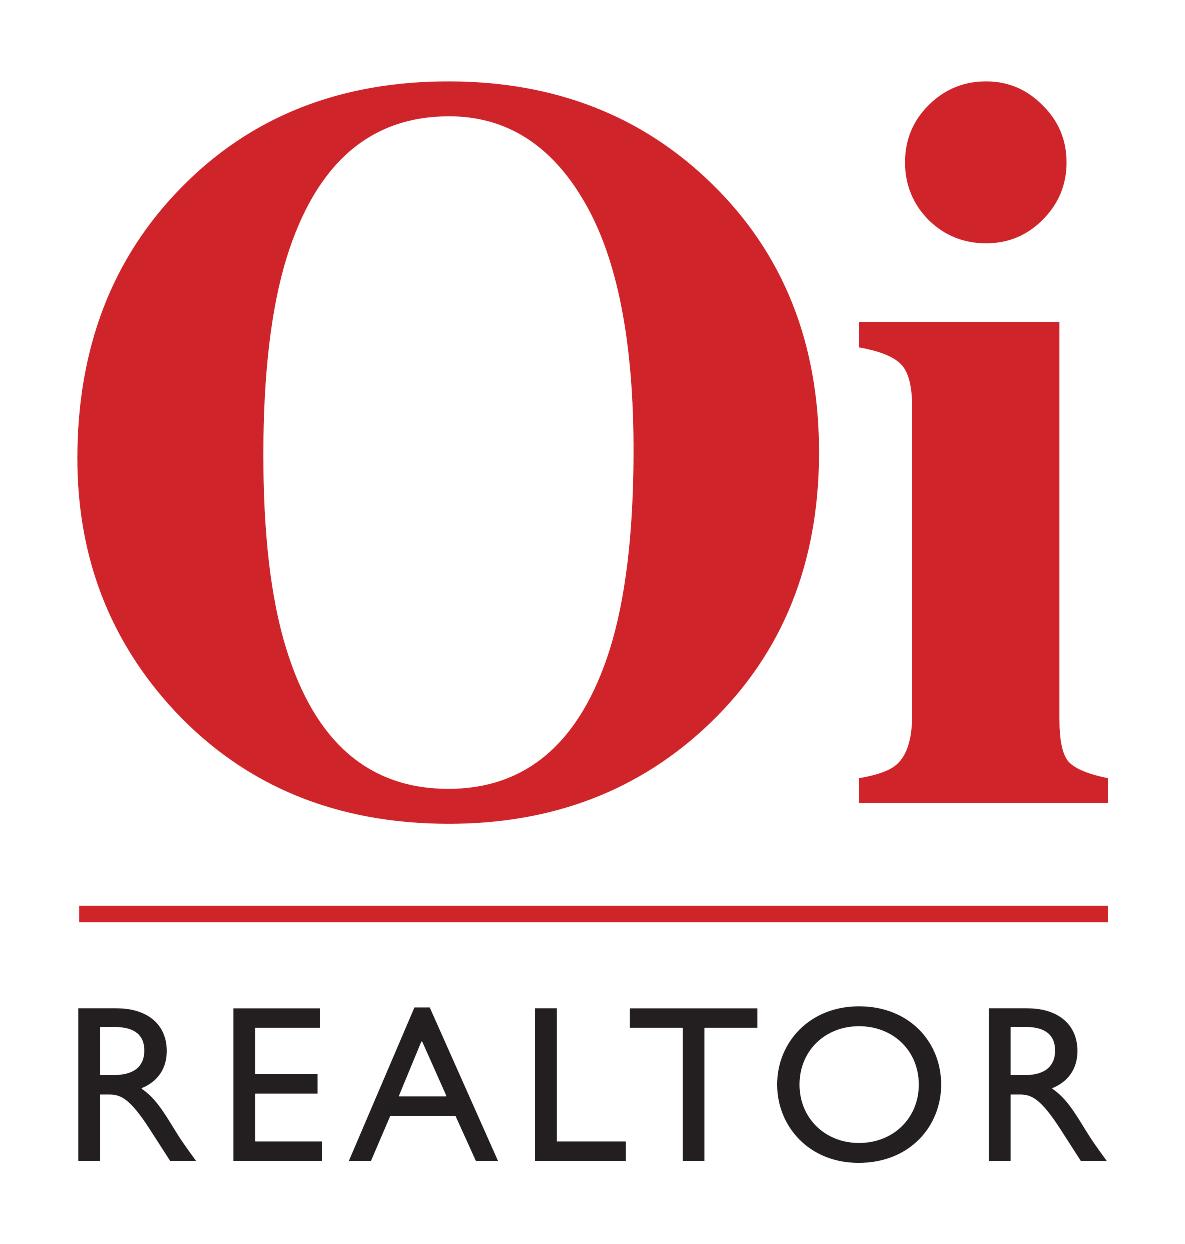 Oi Realtor Logo